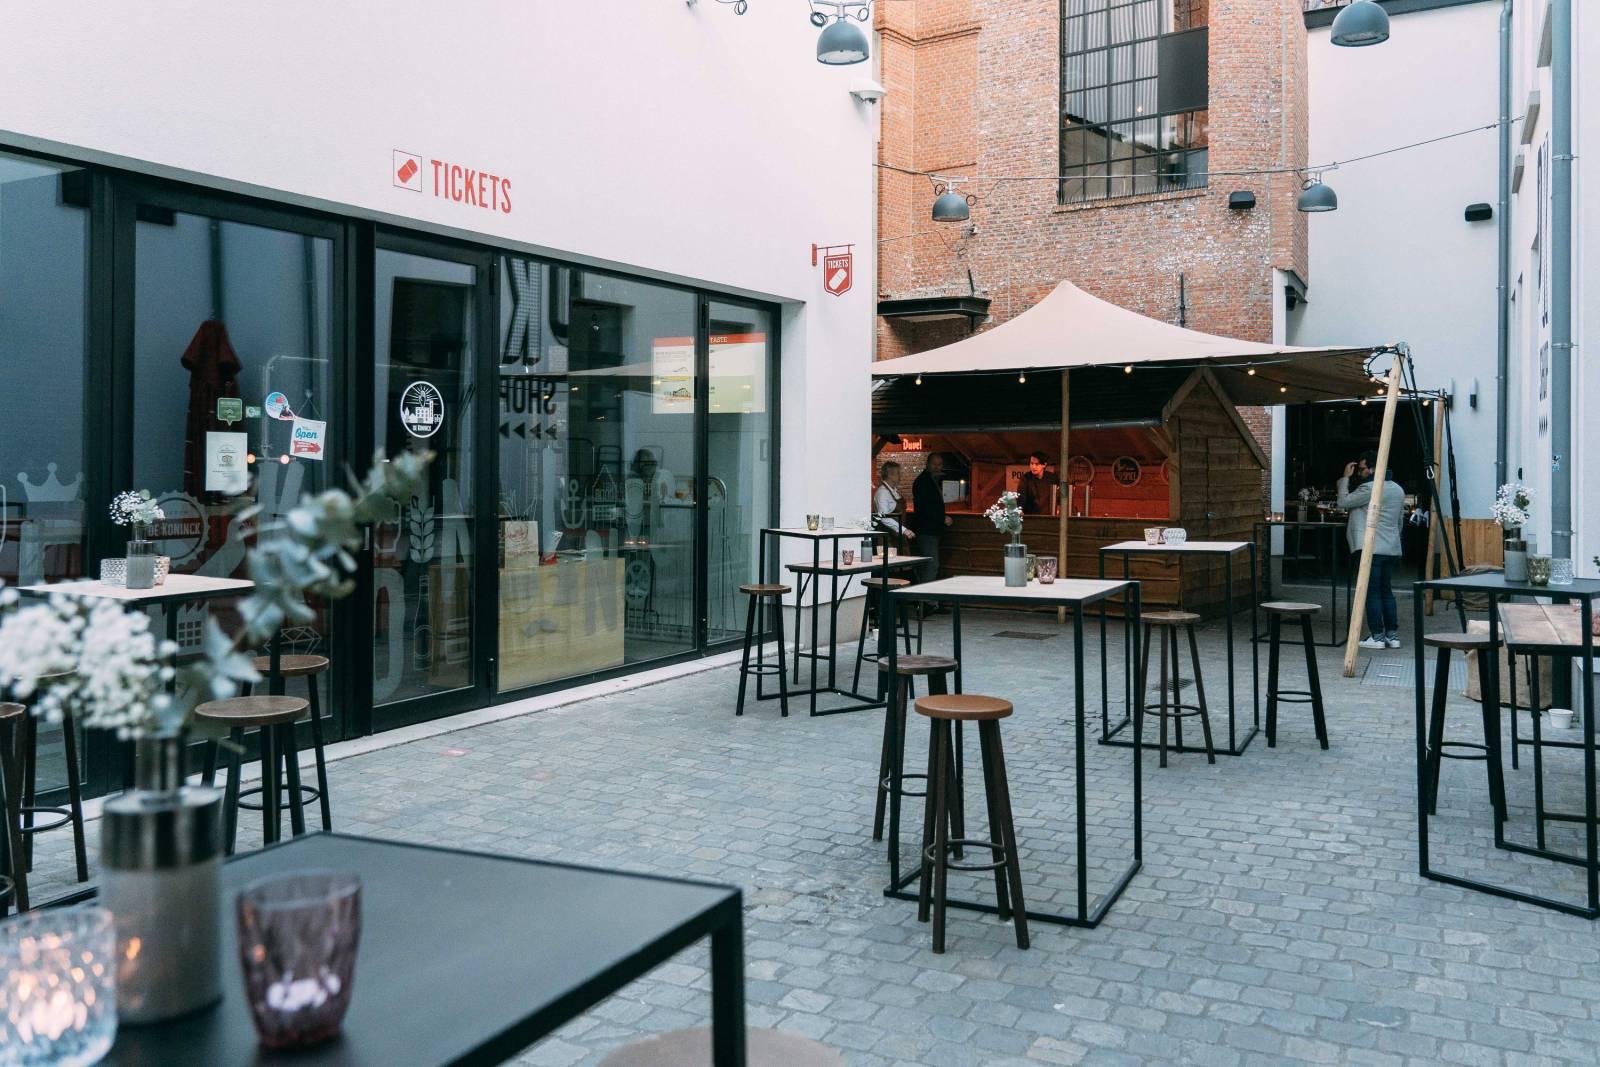 Stadsbrouwerij De Koninck - Feestzaal Antwerpen - House of Weddings - 4